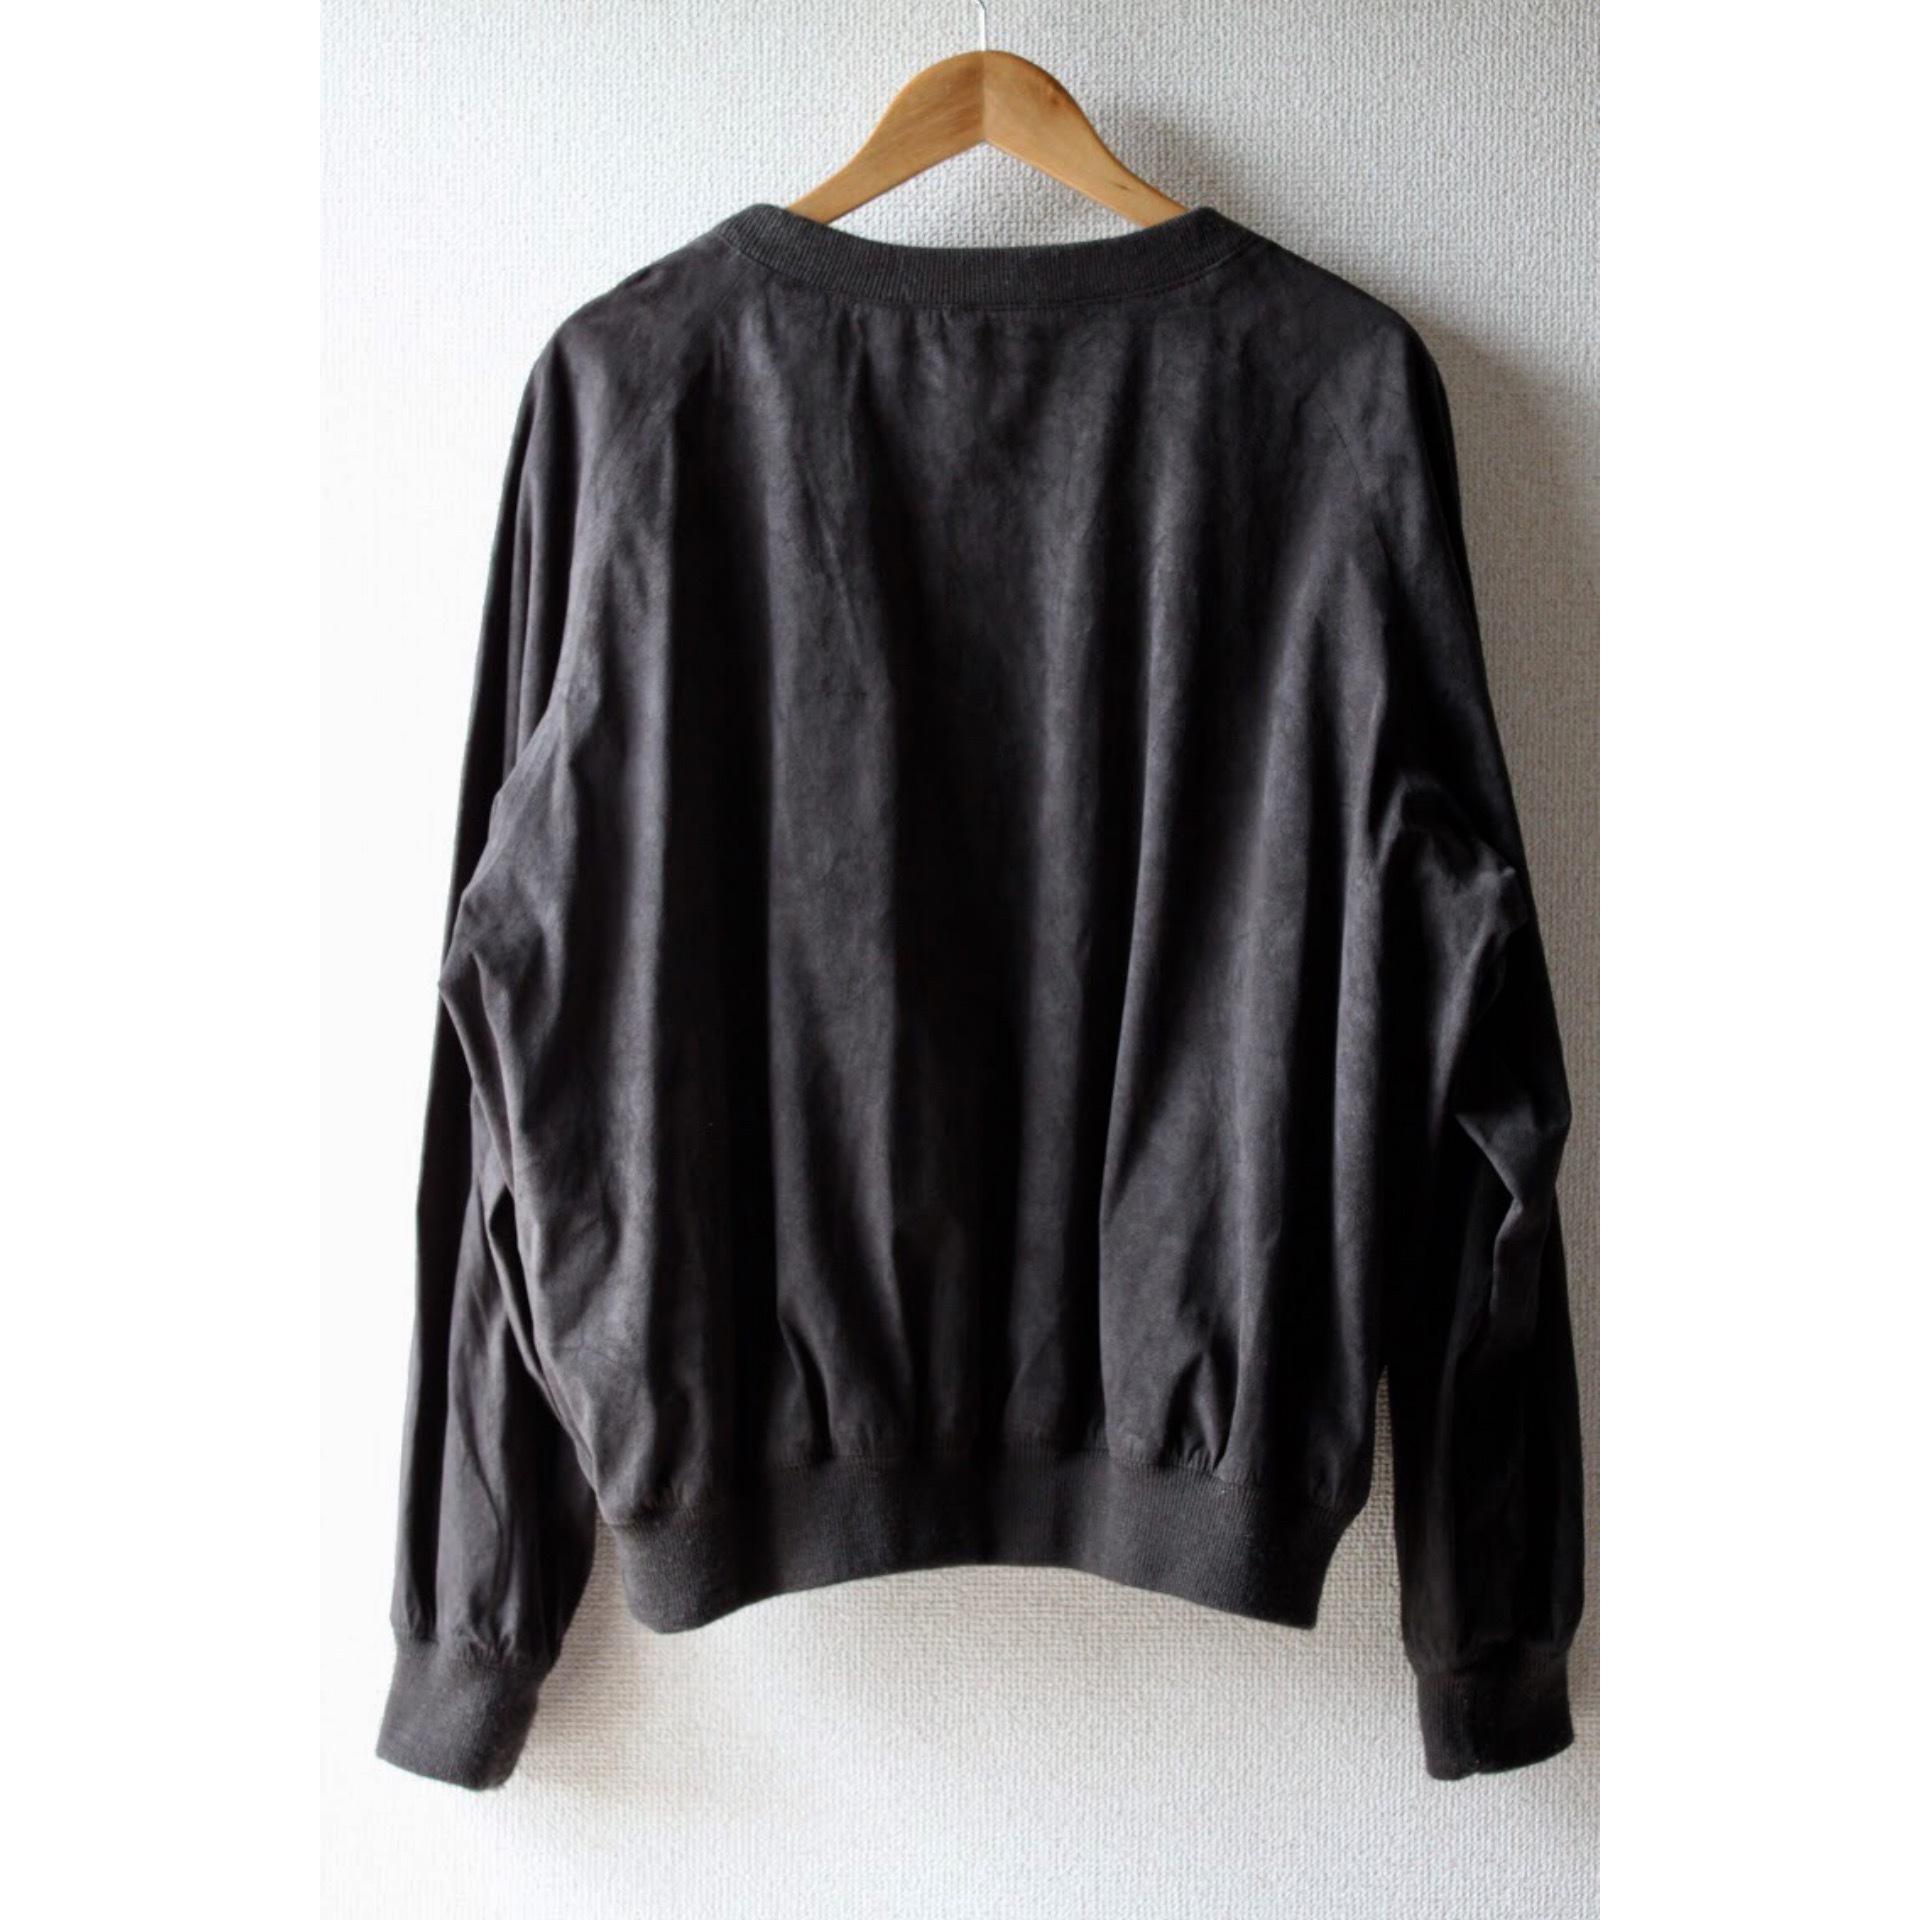 Vintage fake suede pullover jacket